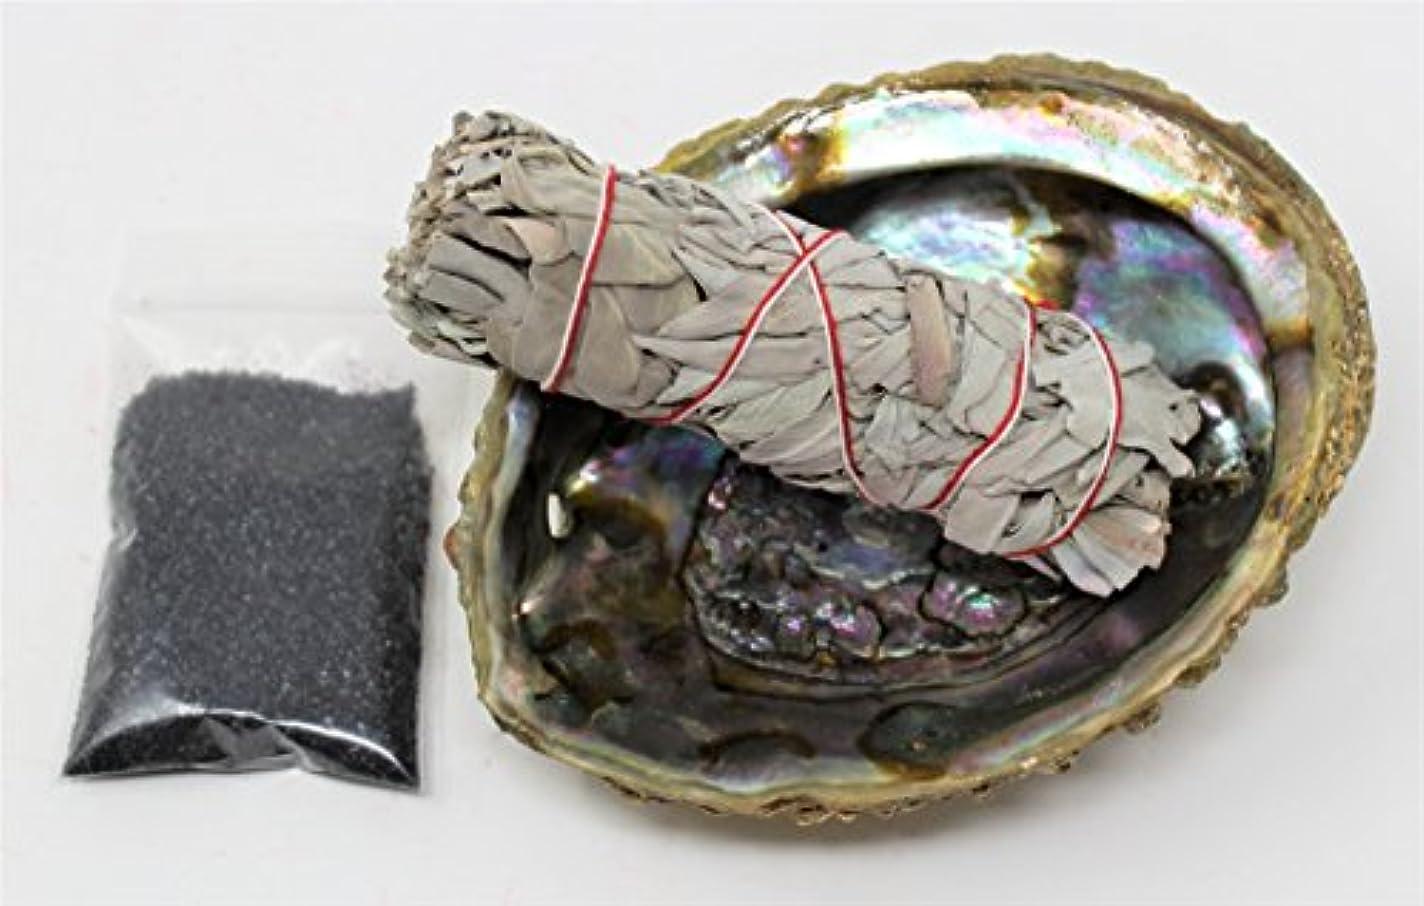 自然天皇漏斗セージSmudgeキットwithカリフォルニアホワイトセージ、Large Abalone Shell、ブラックSalt Plus Smudging Directions